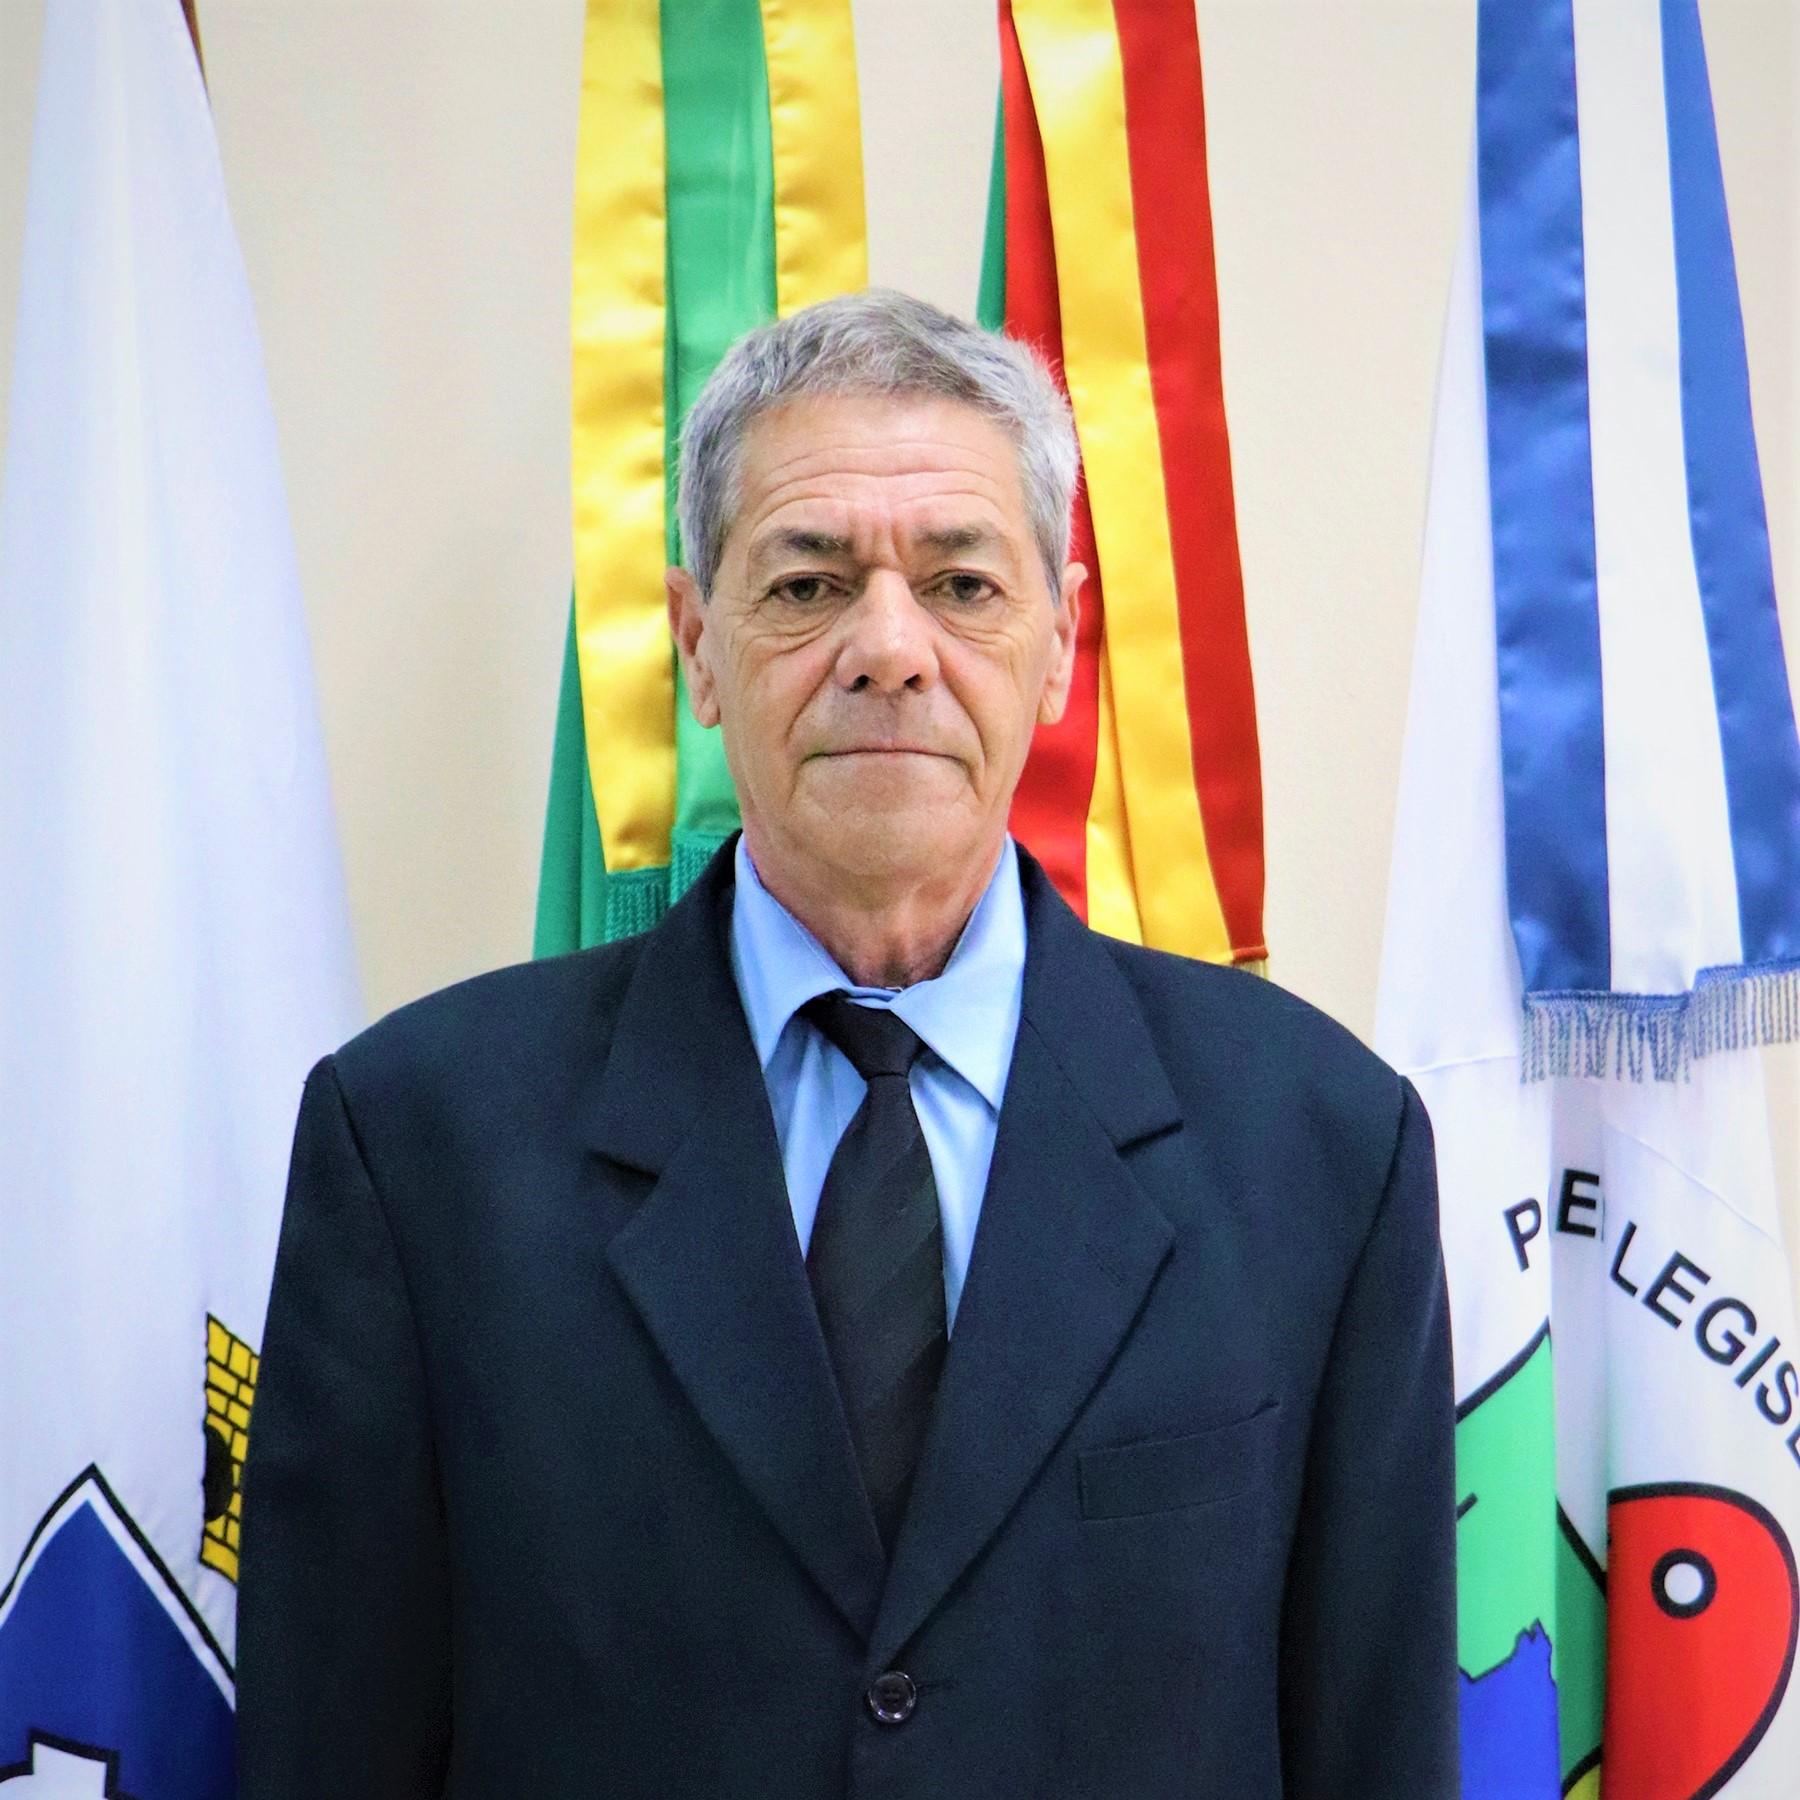 Ver. Valdomiro Chaves (PDT)